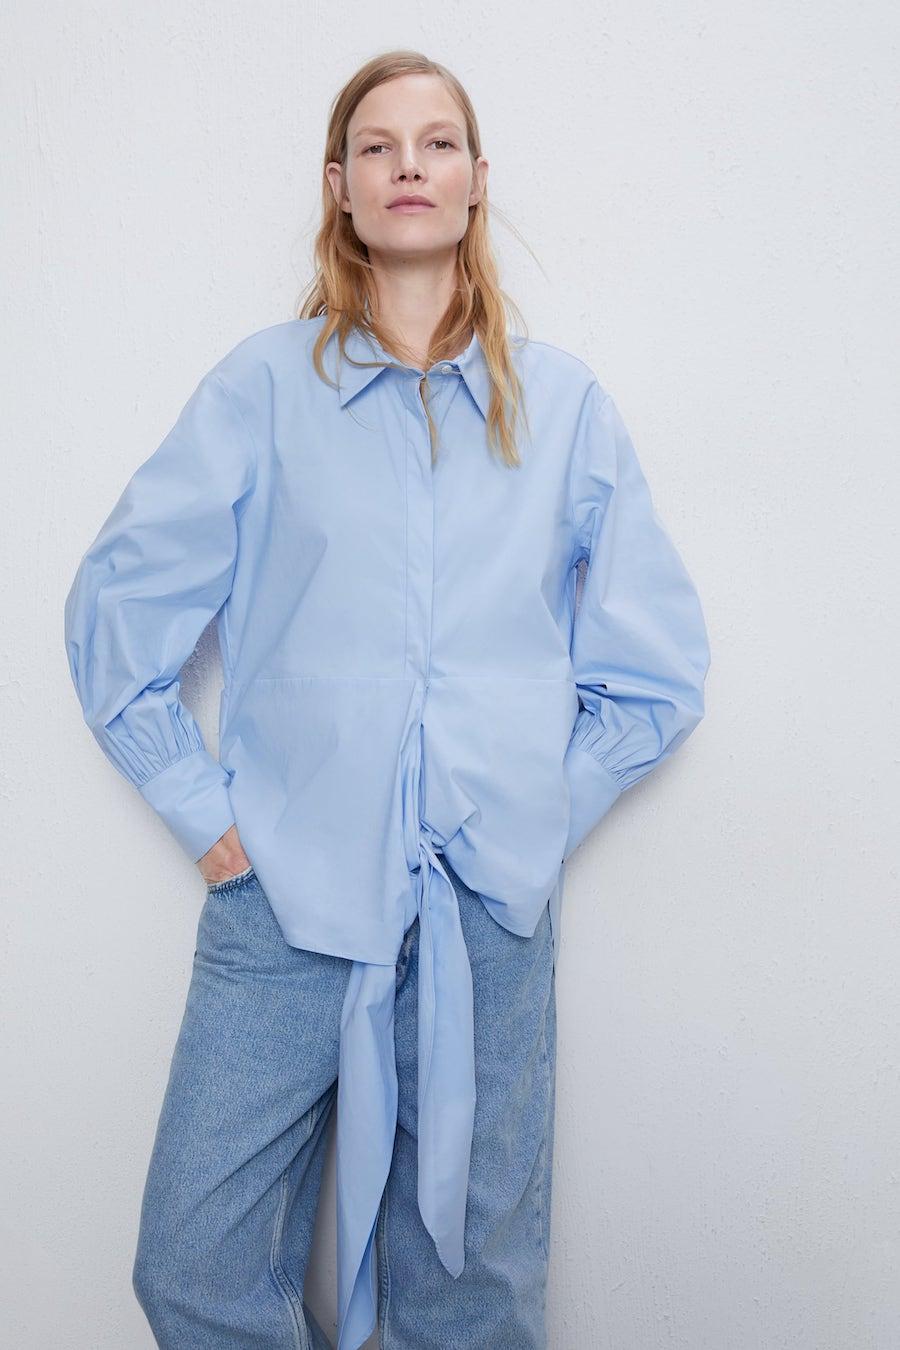 Camisa de cuello y solapa con manga larga acabada en puño con pliegues.